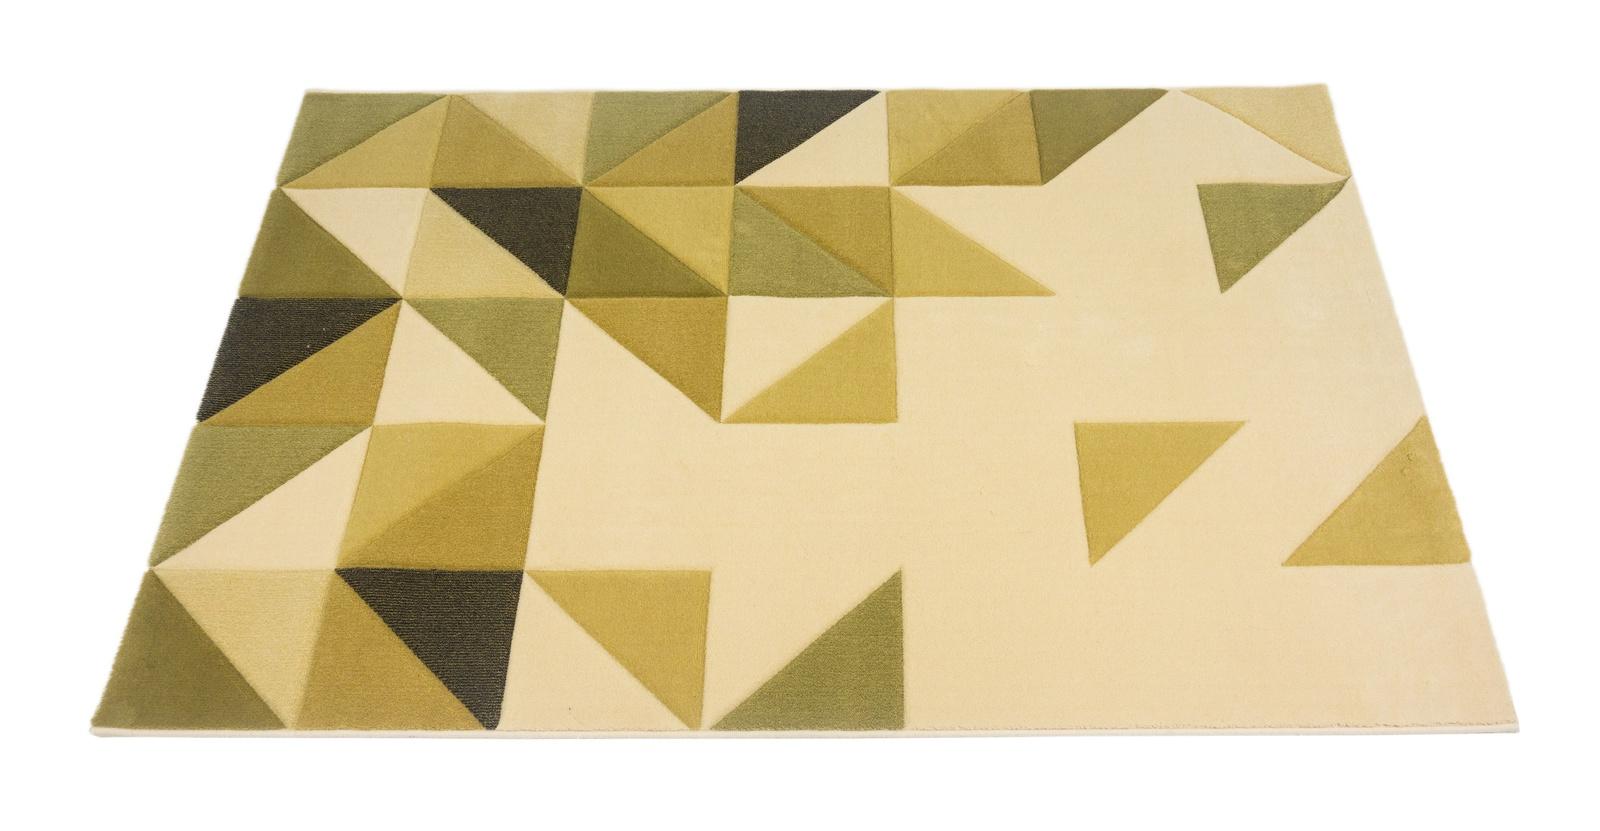 Ковер MADONNA 1,2x1,7 /прямоугольник/850633_1716 1/бежевый/Premium/